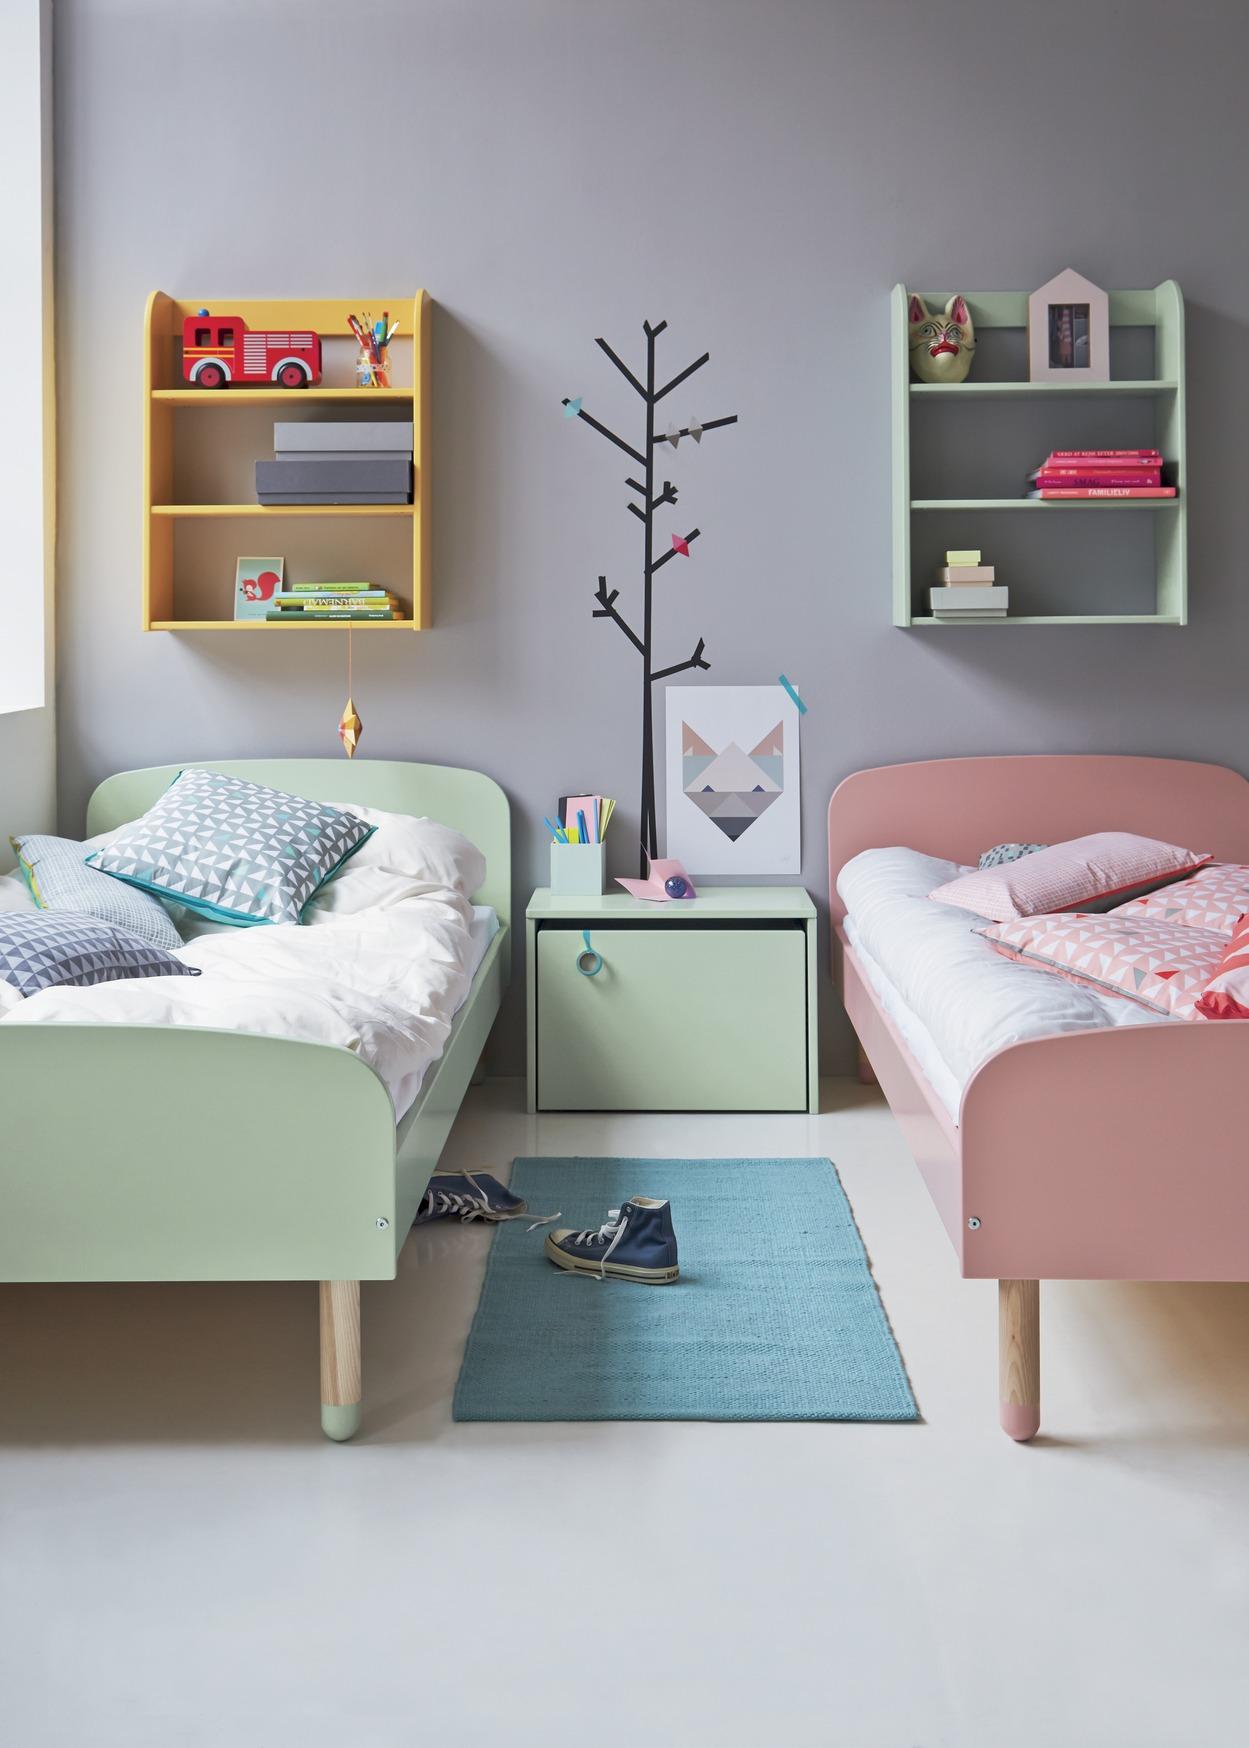 Home u0026gt; Shop u0026gt; Meubels u0026gt; Eenpersoonsbedden u0026gt; Flexa Play bed roze